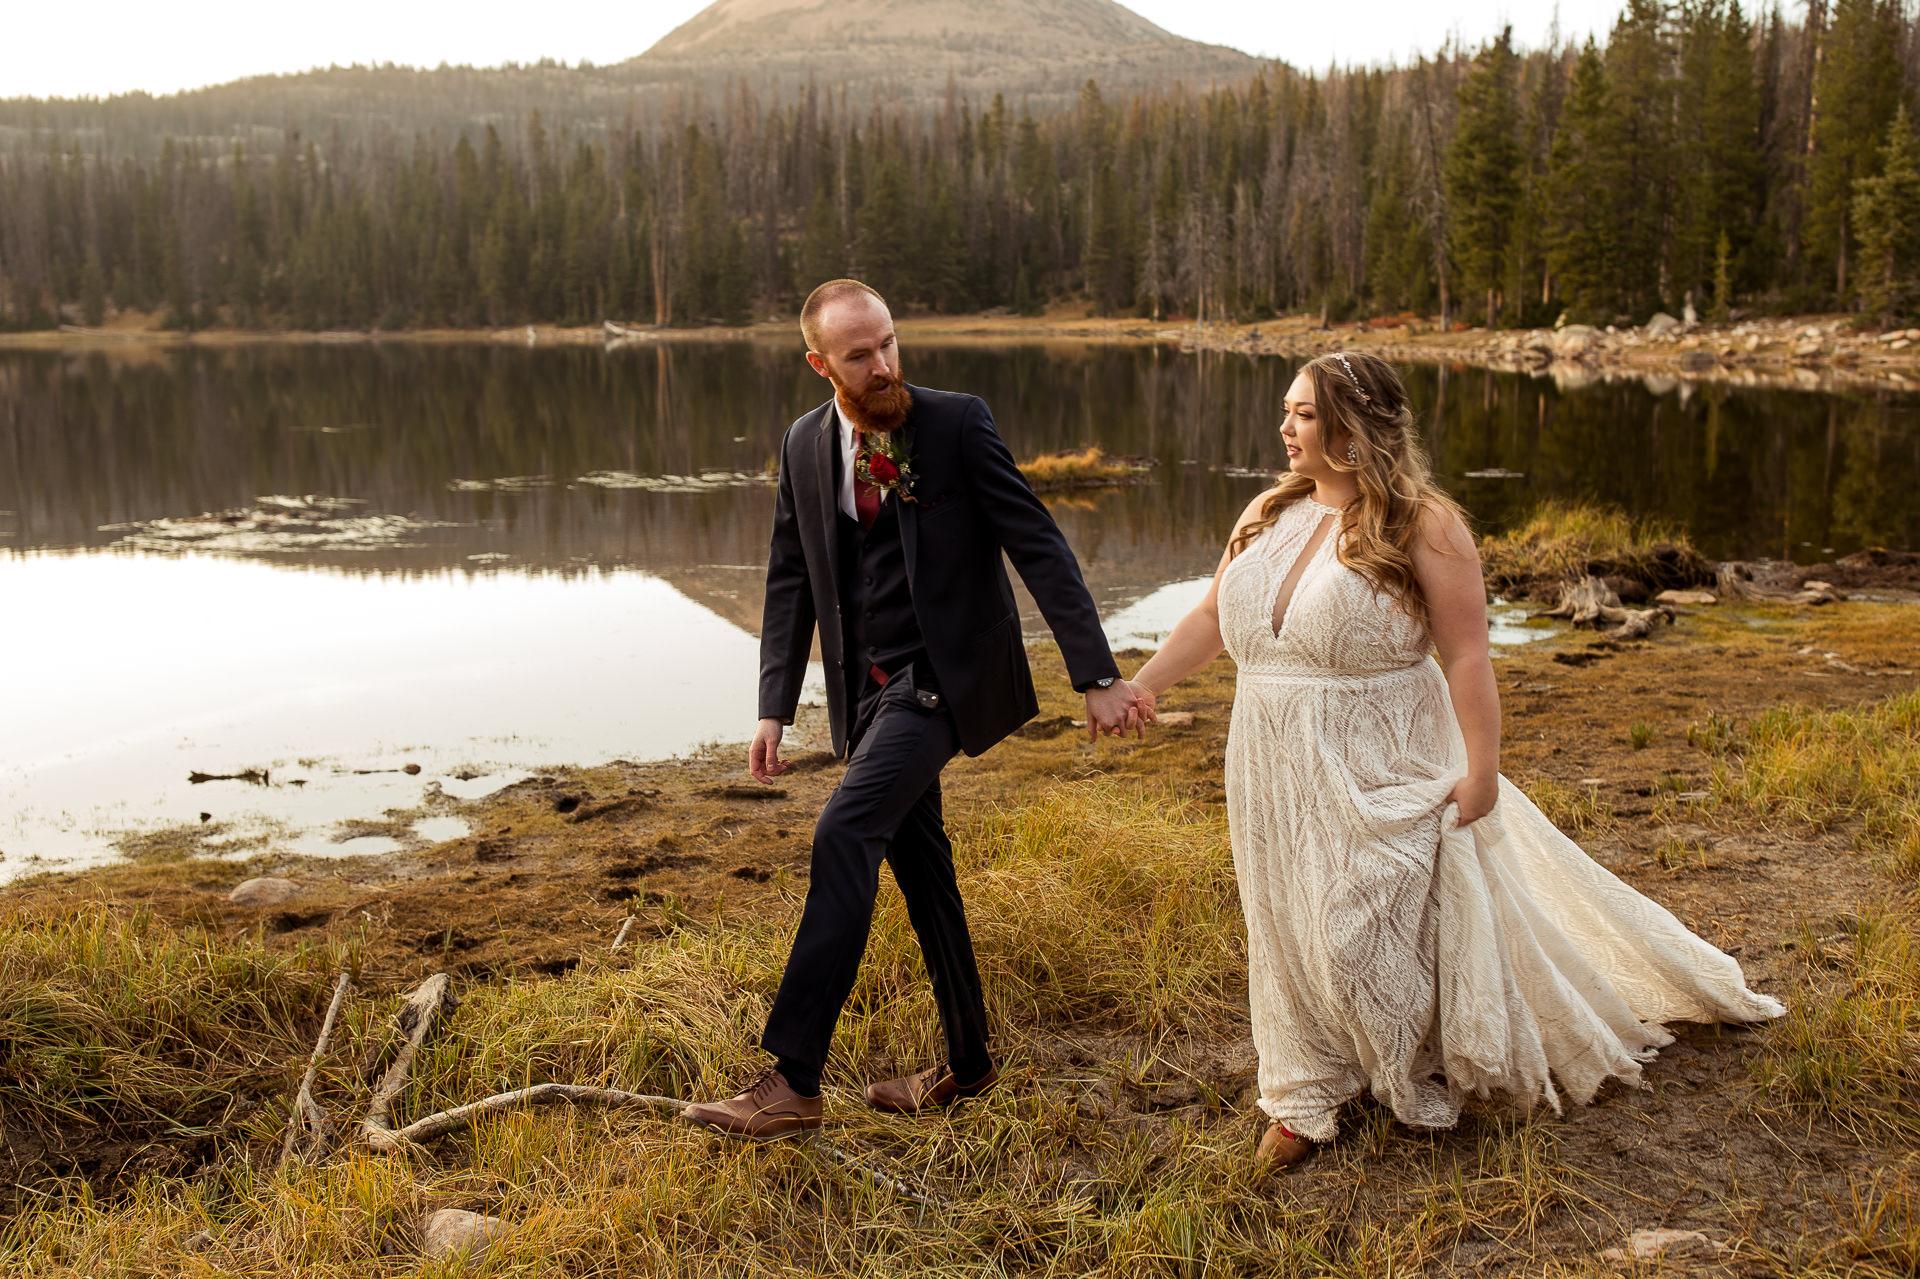 Wedding Couple Walks Lakeside